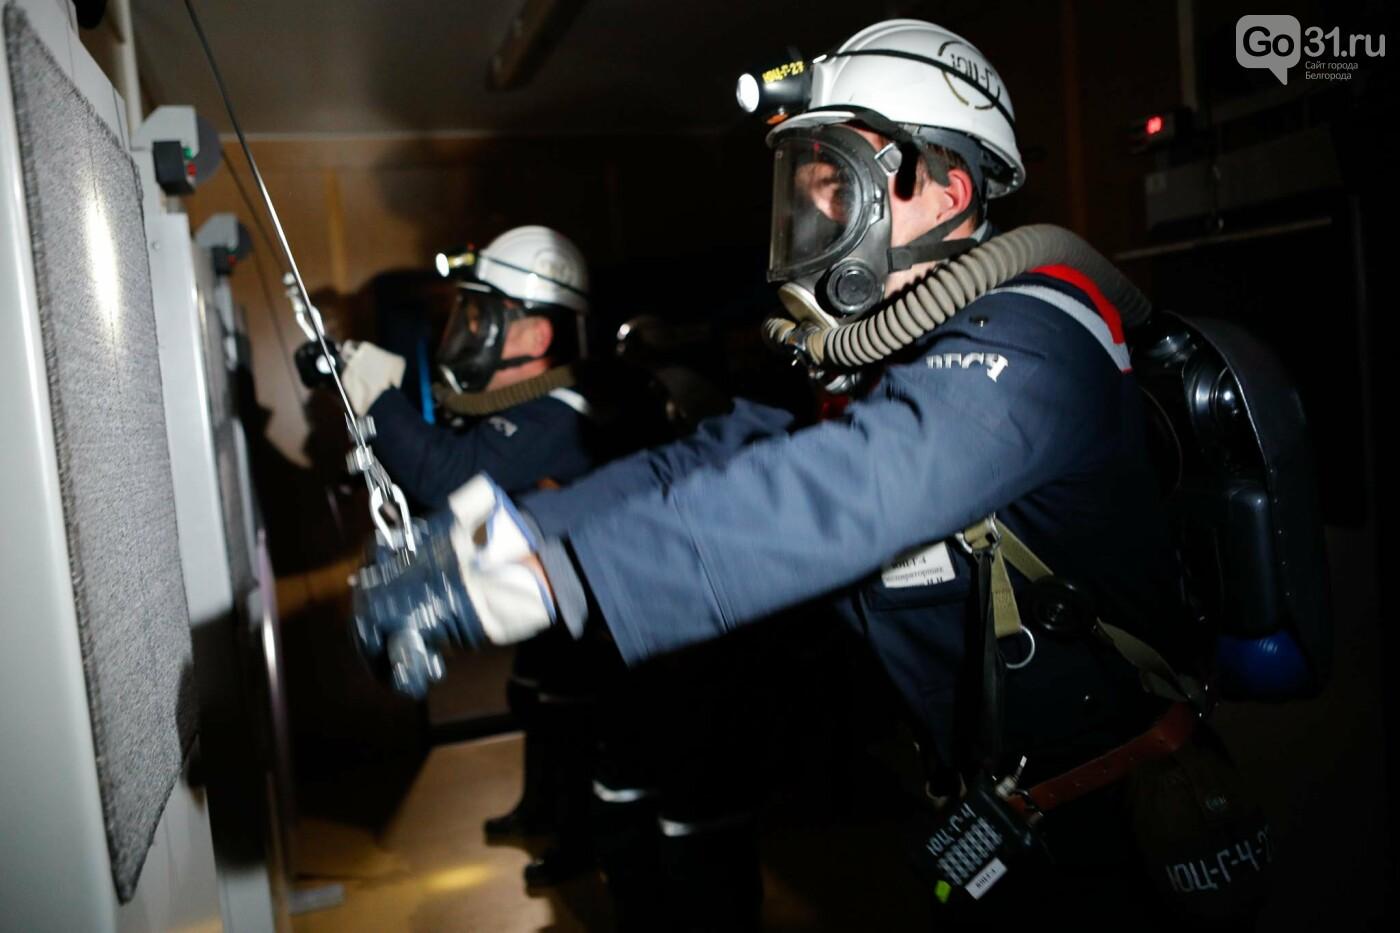 В Белгородской области горноспасатели провели спецоперацию, фото-2